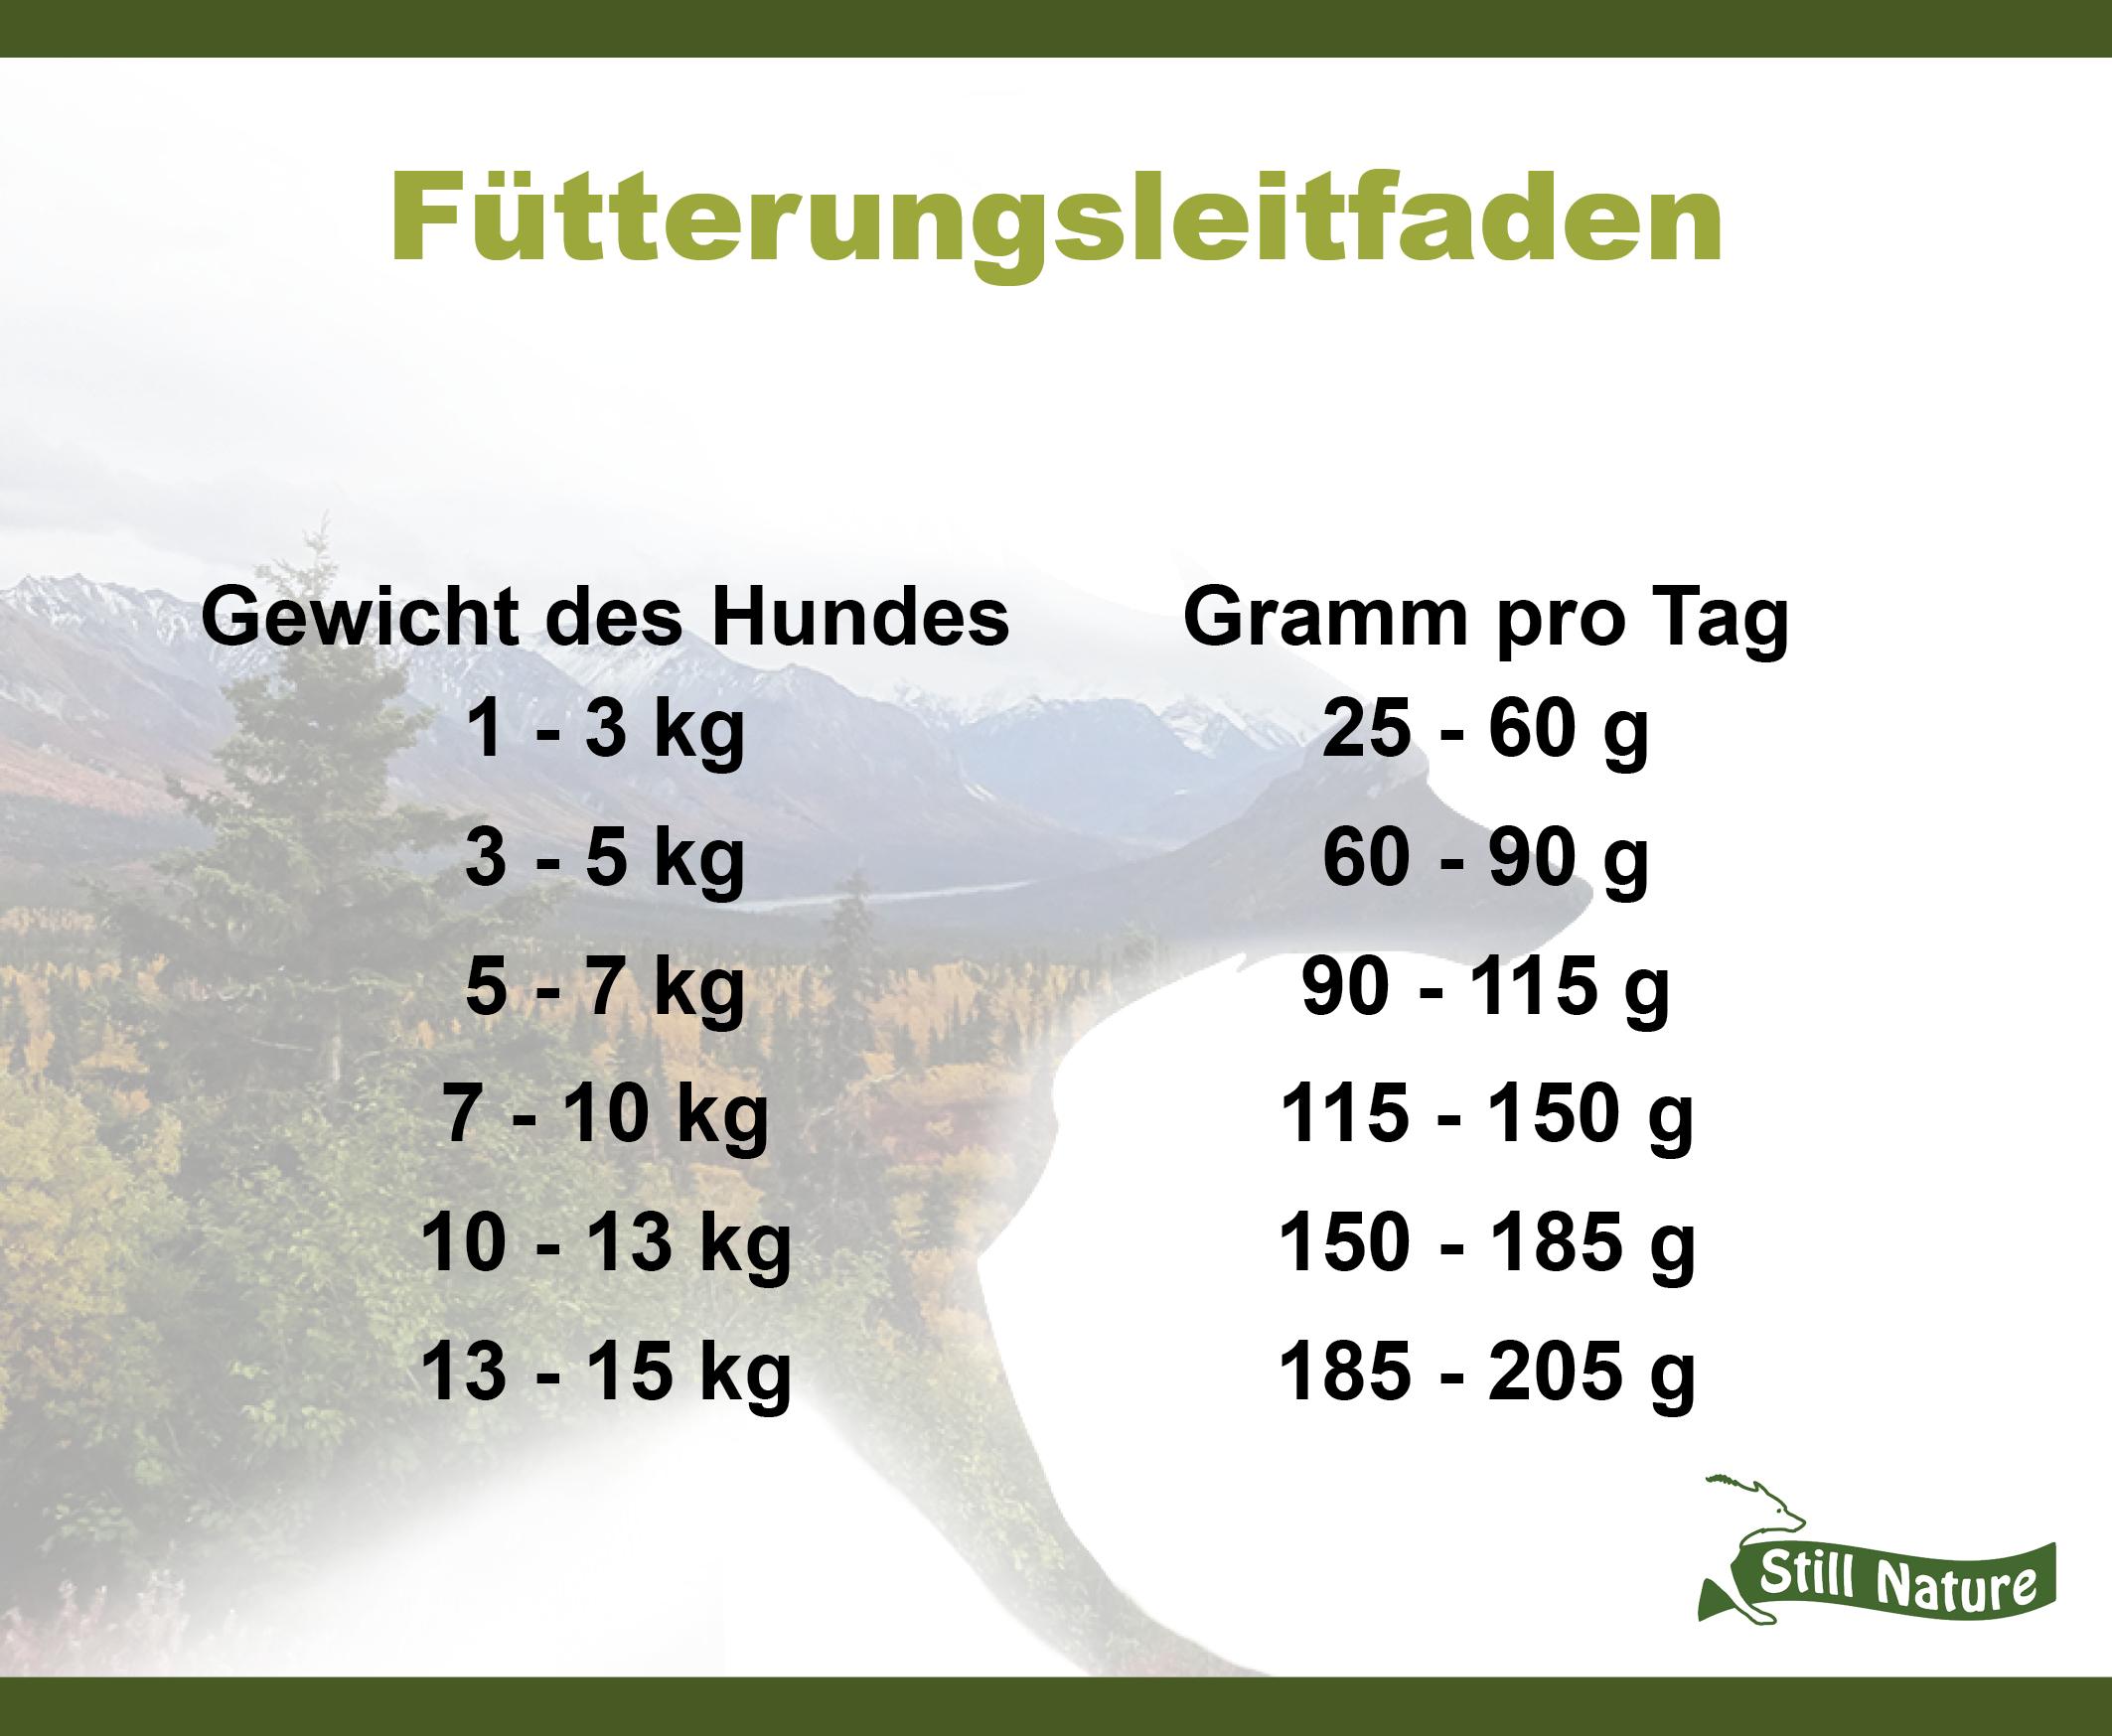 Hier findest du den Fütterungsleitfaden für die Still Nature Sorte Lamm für kleine Hunderassen